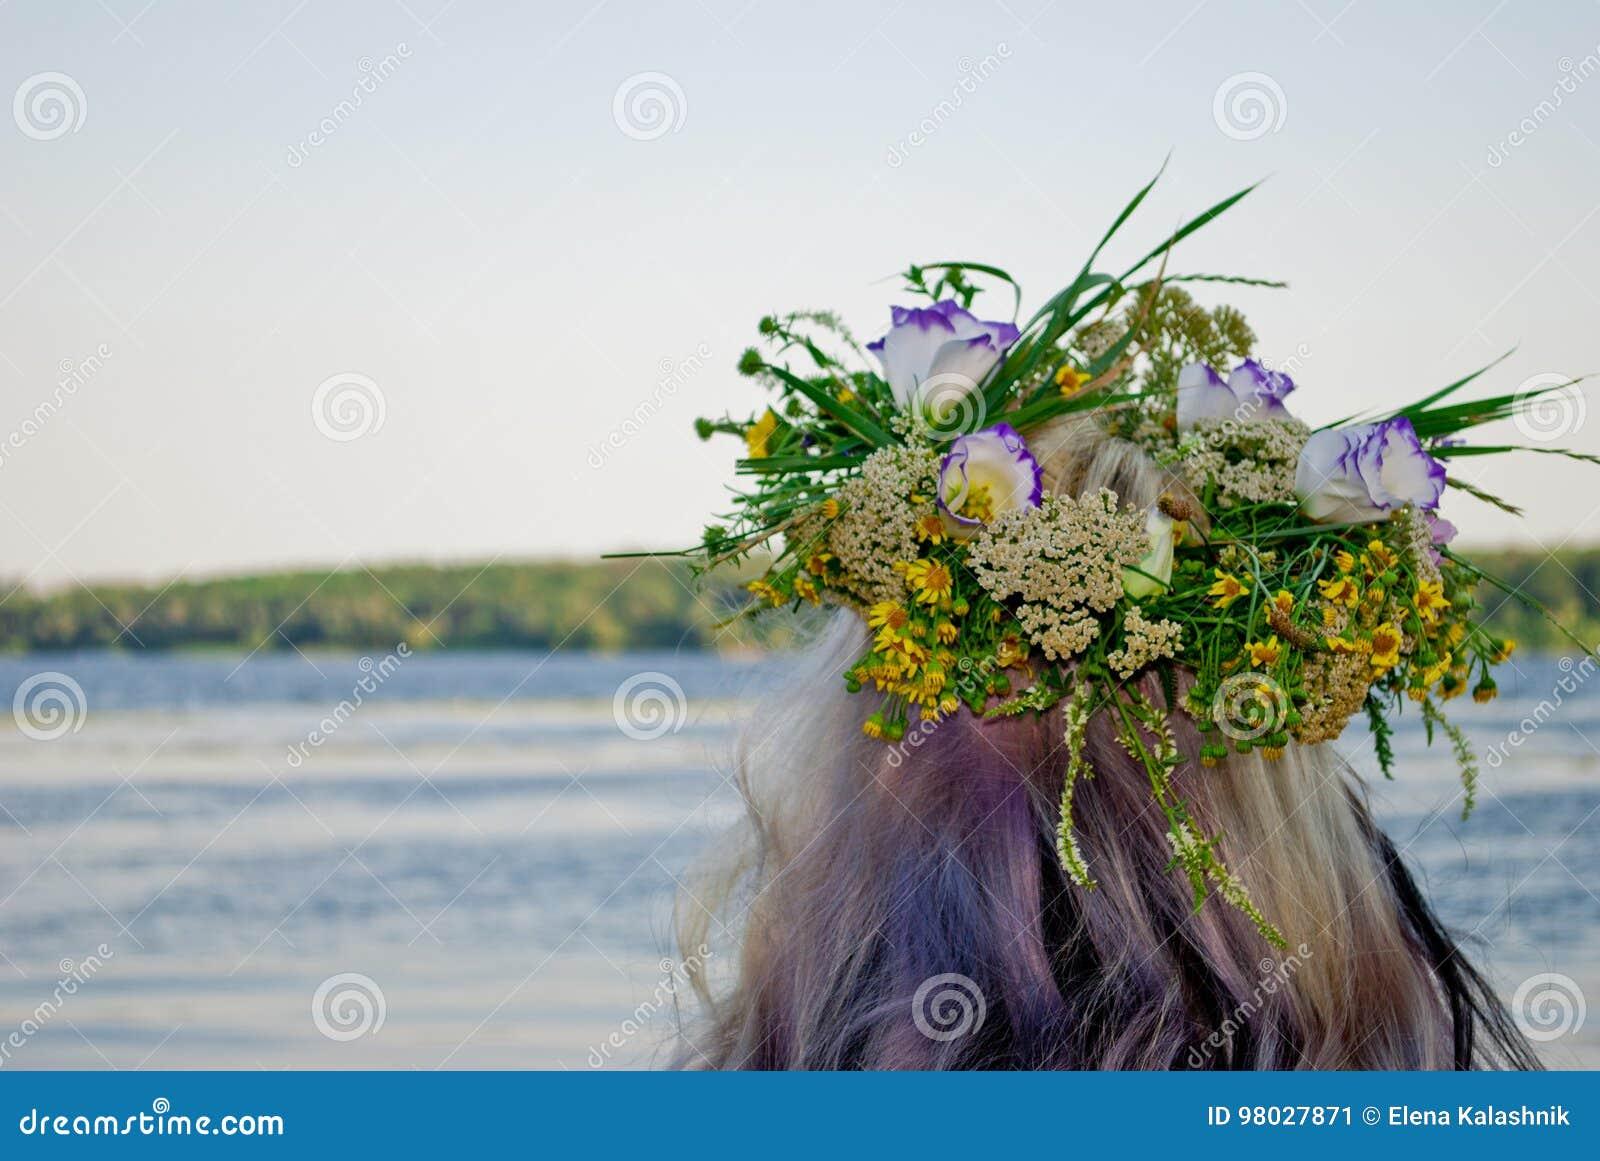 Mooi boeket van kroon van wilde bloemen op het hoofd van een meisje dichtbij de waterrivier